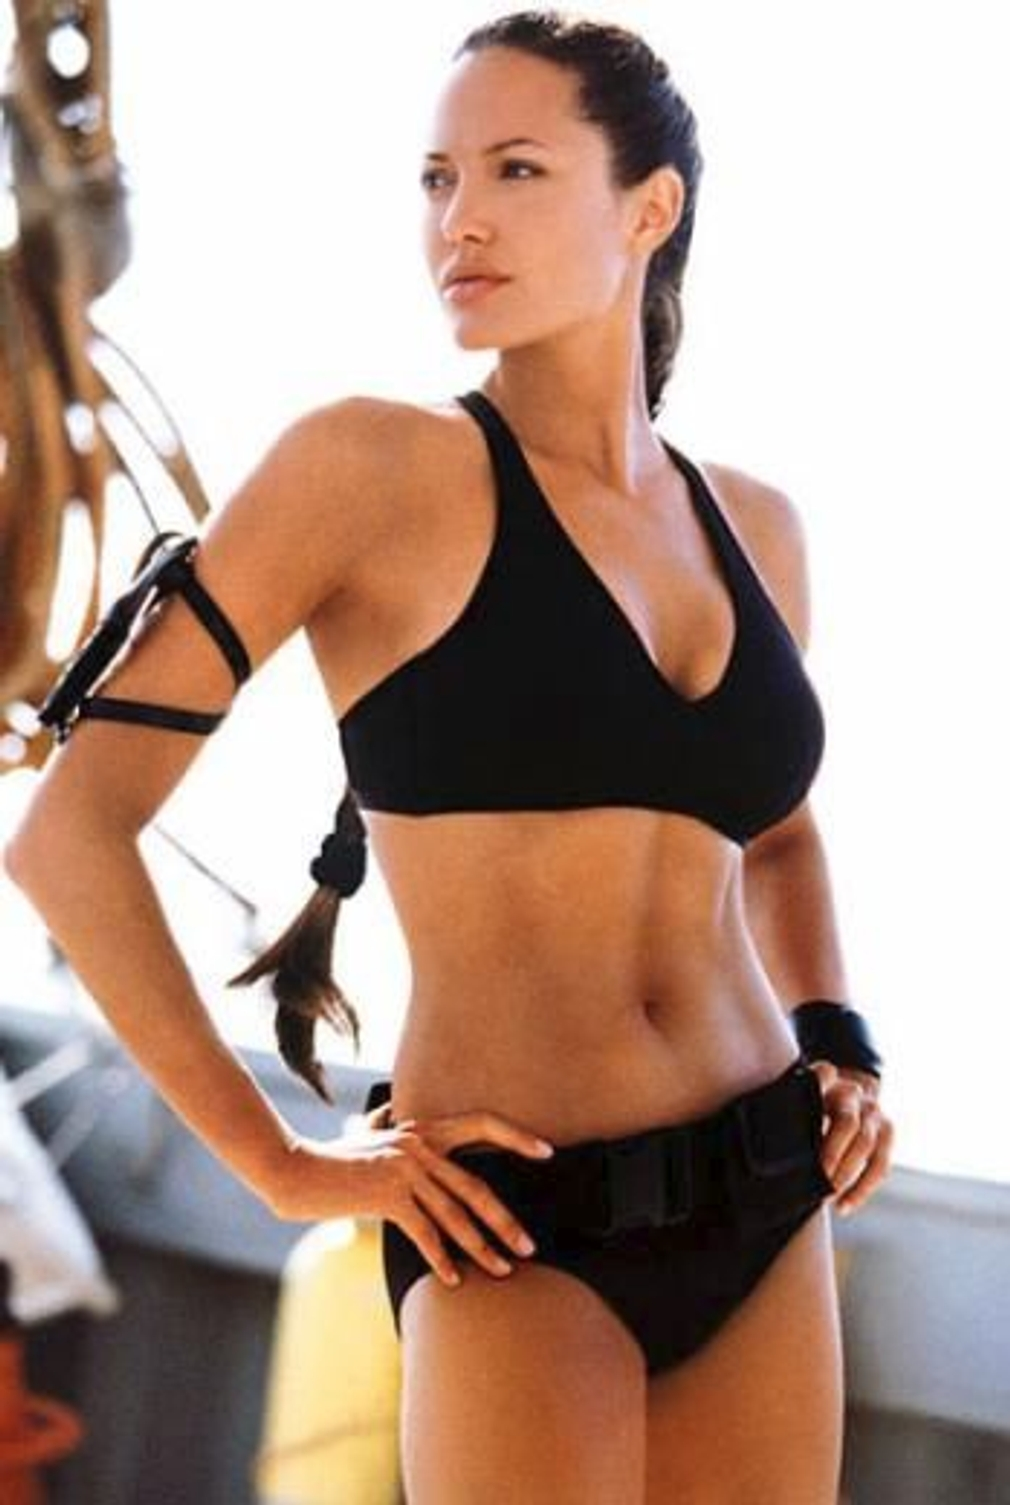 2001 - Plavky pre odvážne ženy predviedla Angelina Jolie vo filme Tomb Raider.